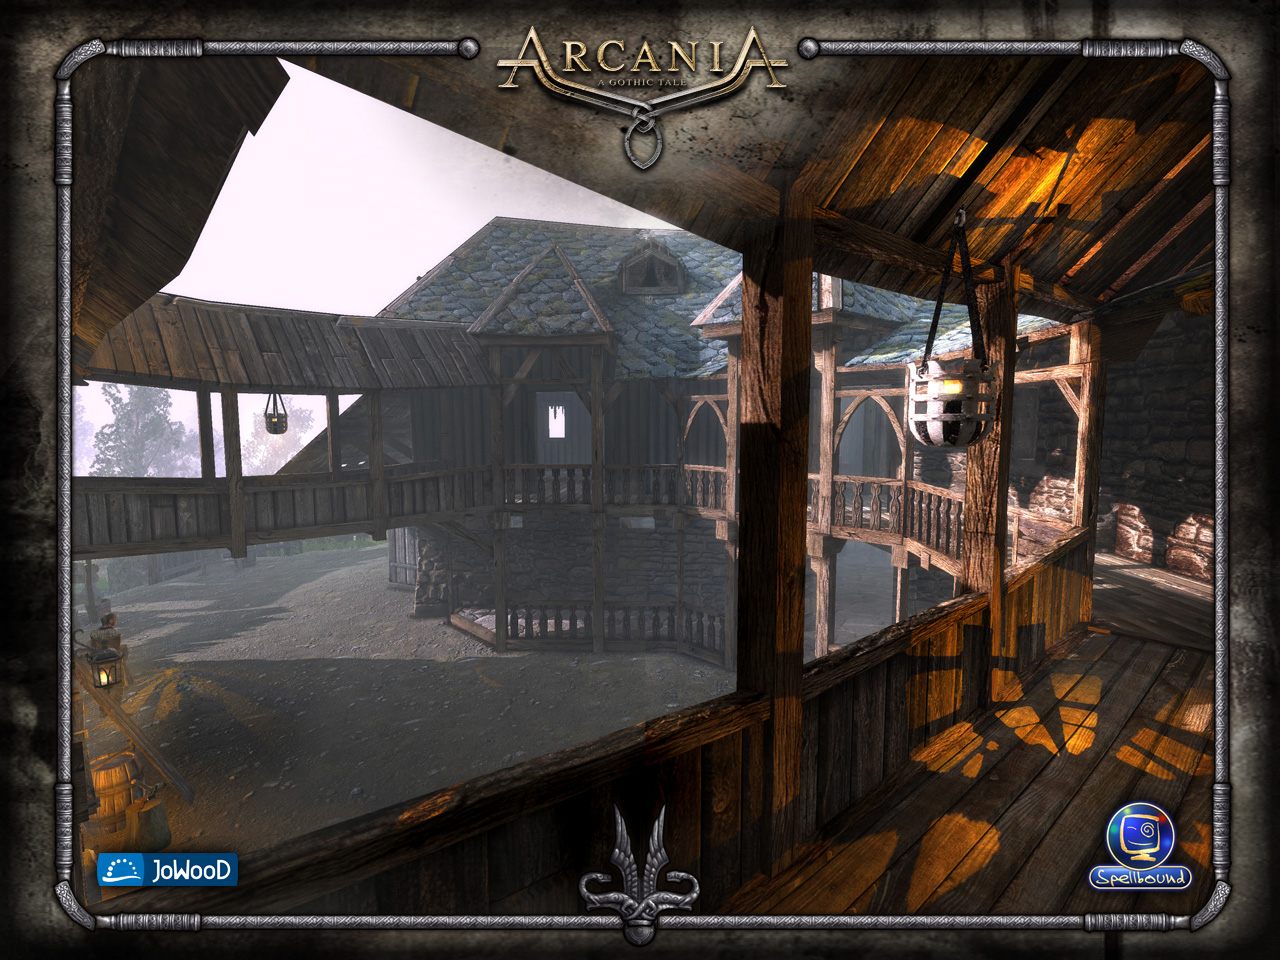 Klicke auf die Grafik für eine größere Ansicht  Name:arcania_new5.jpg Hits:65 Größe:484,3 KB ID:77779